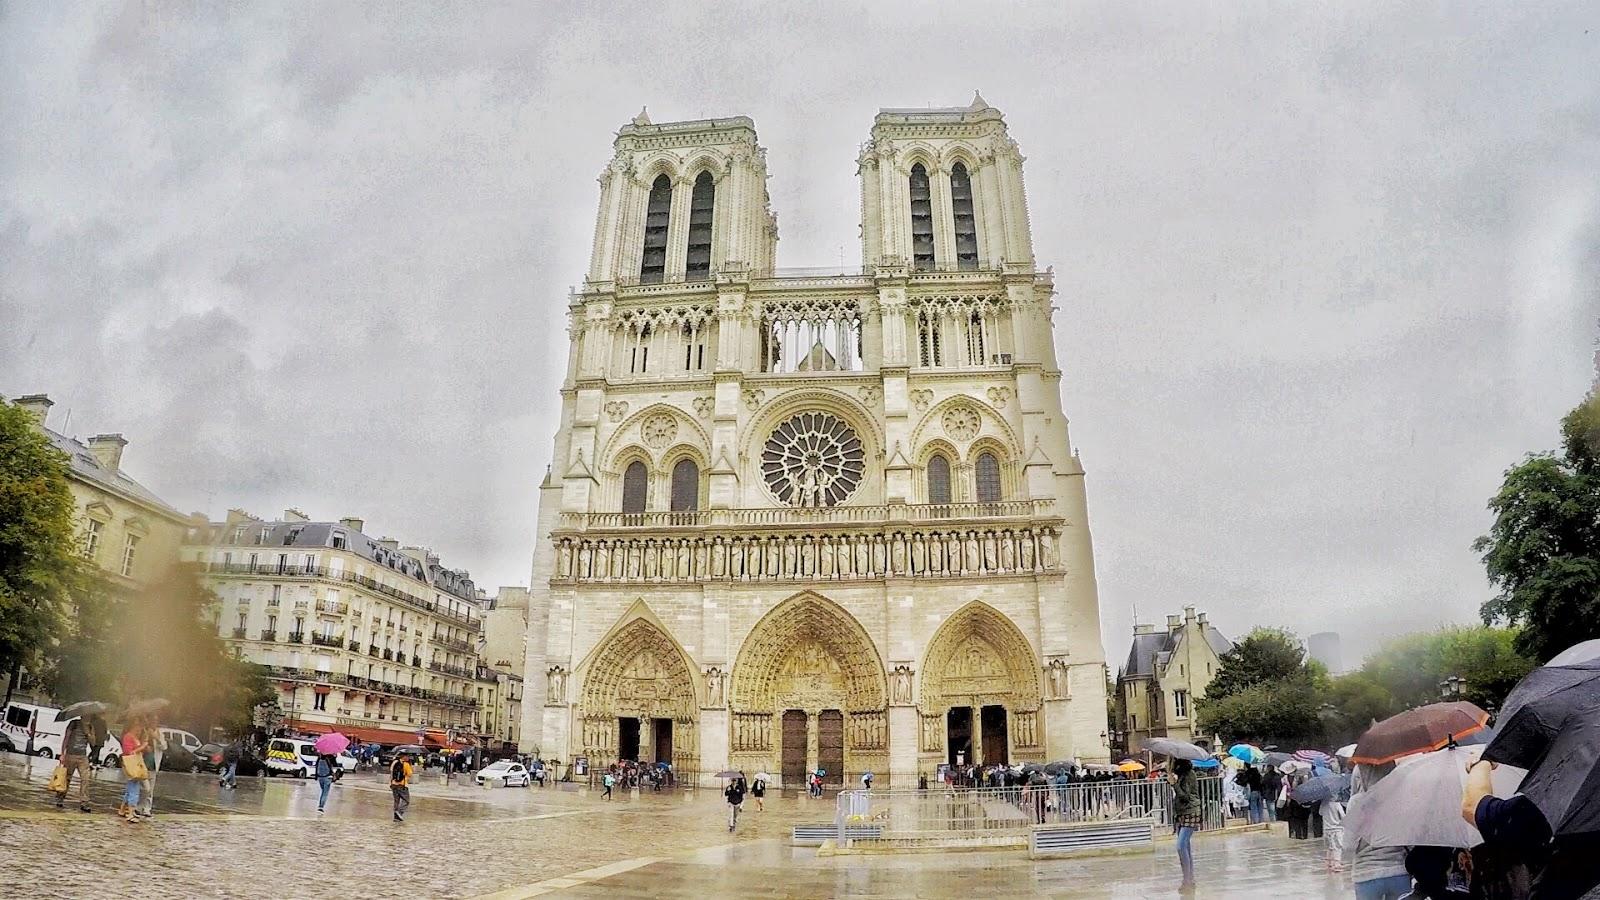 Notre Dame, Paris, Cathedrals in Paris, Sites in Paris, top site in Paris, Catholic Piligrimage